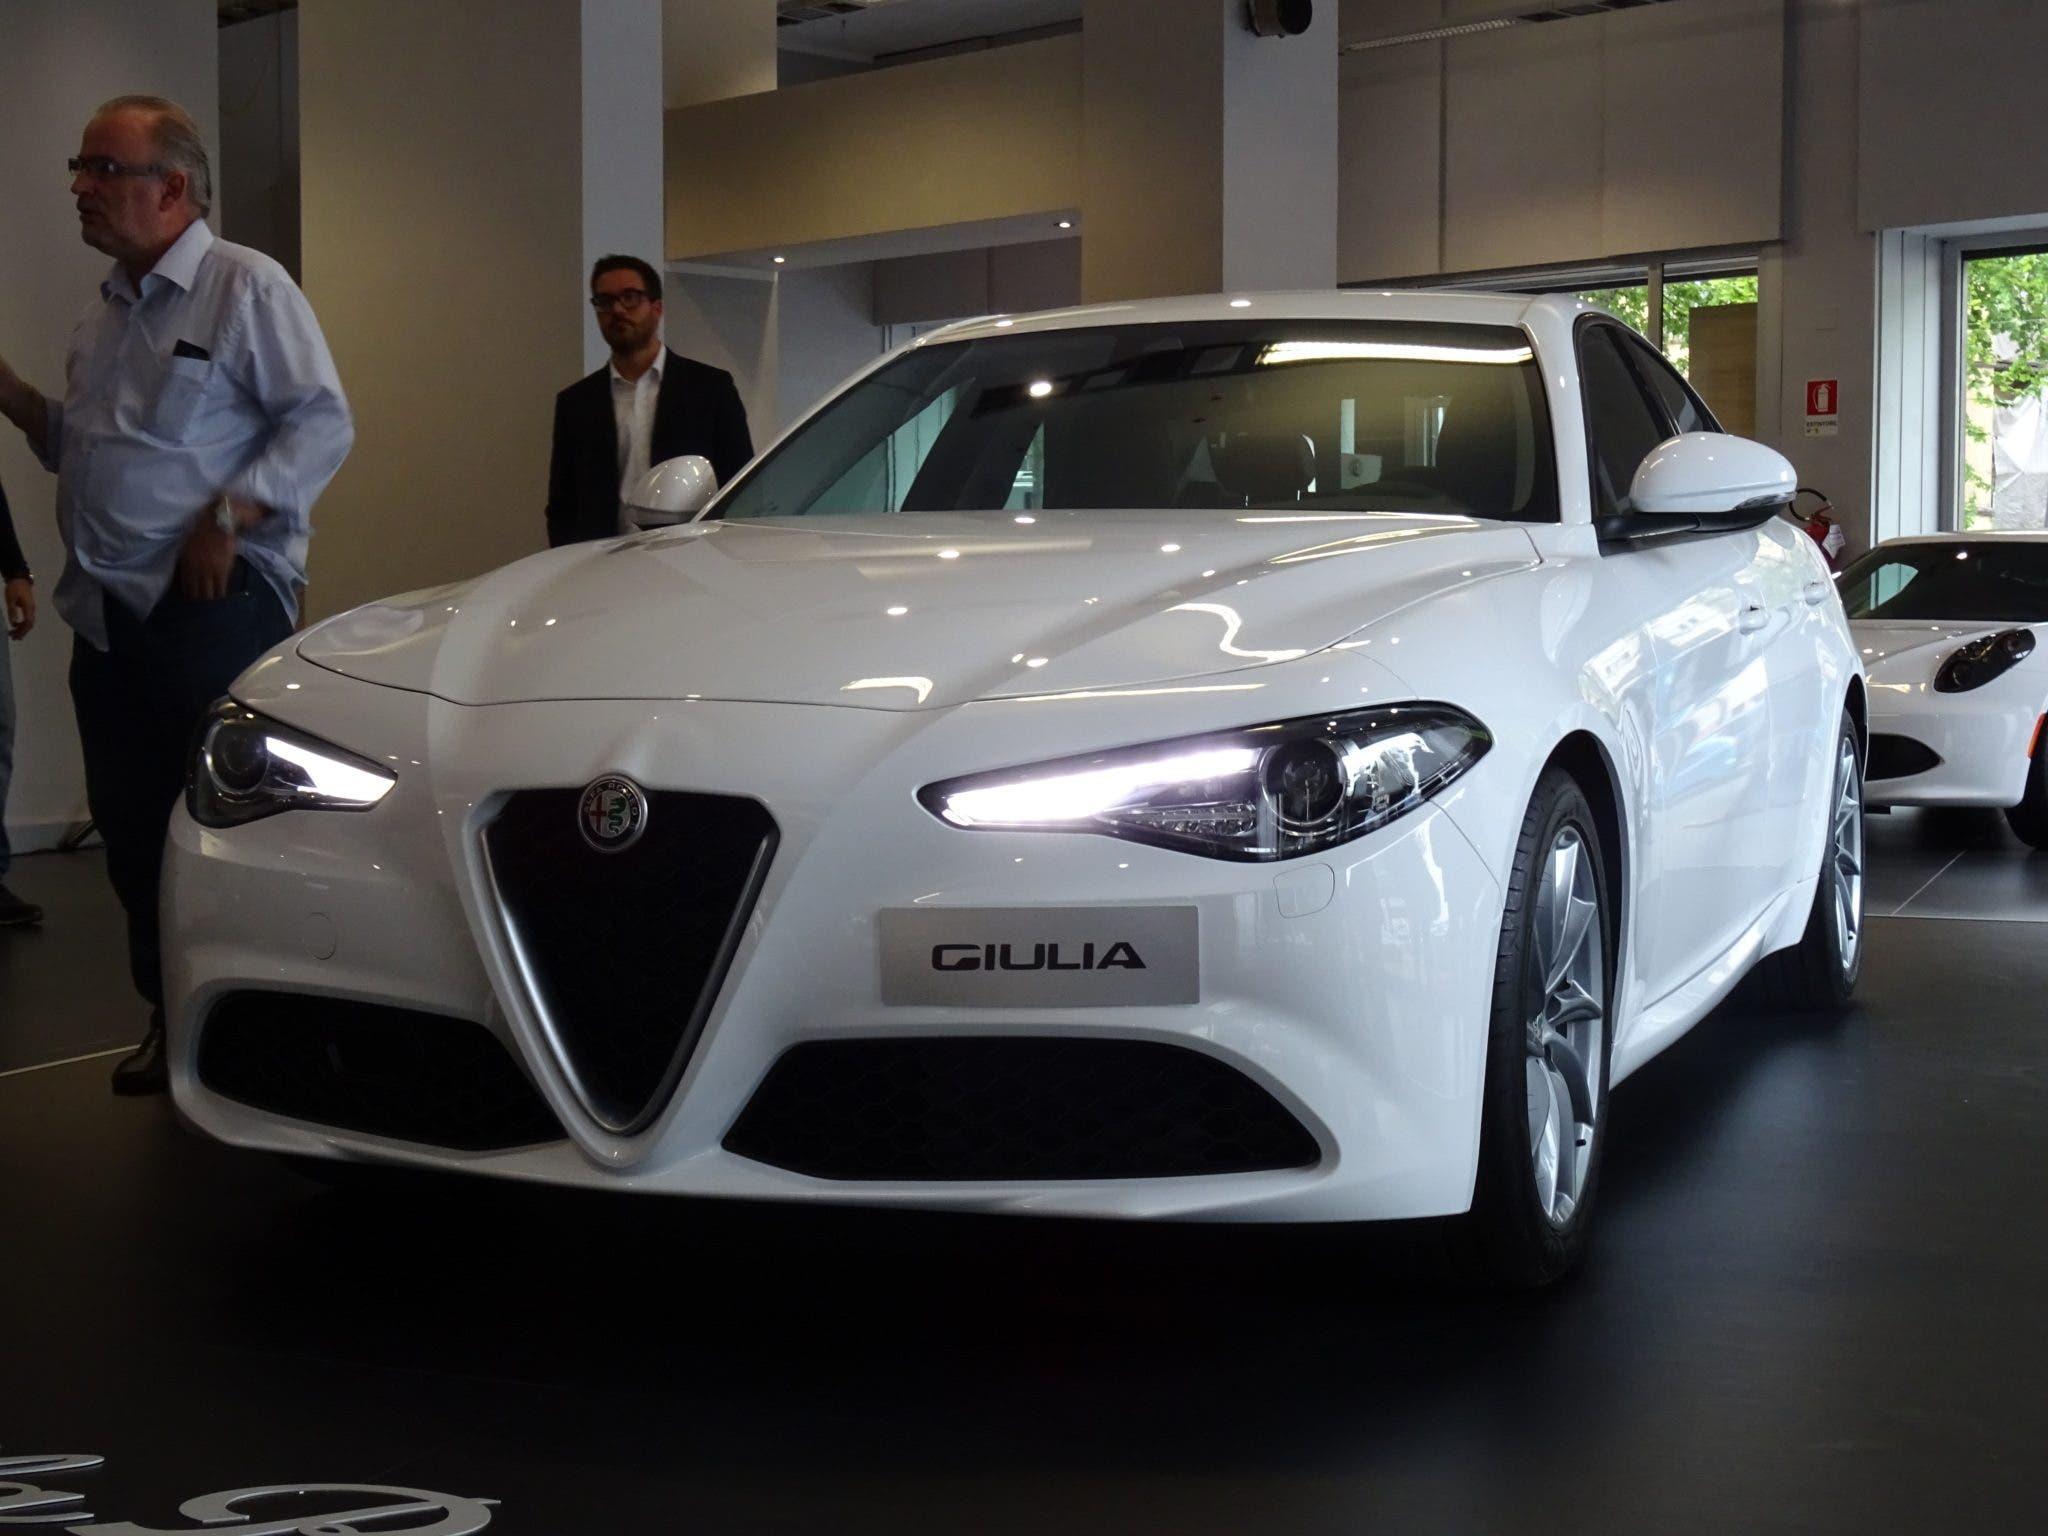 Club Alfa Romeo Giulia frontale